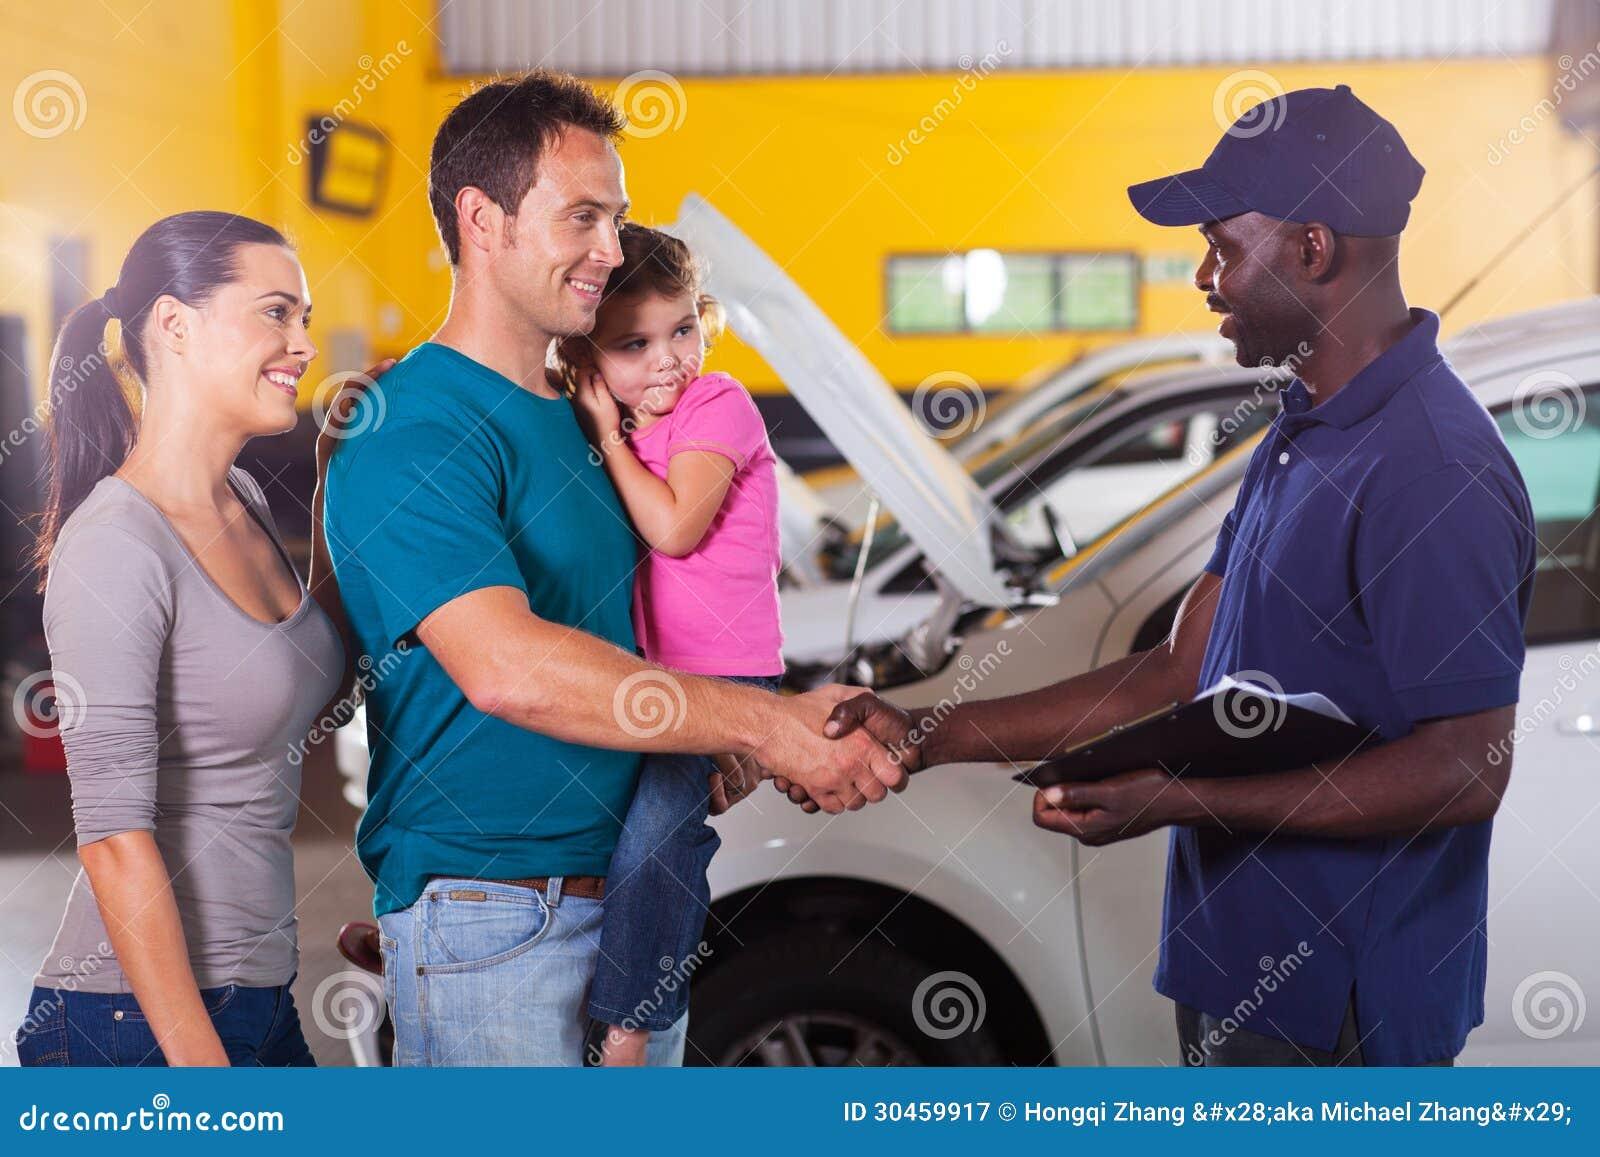 Mechanic handshaking family